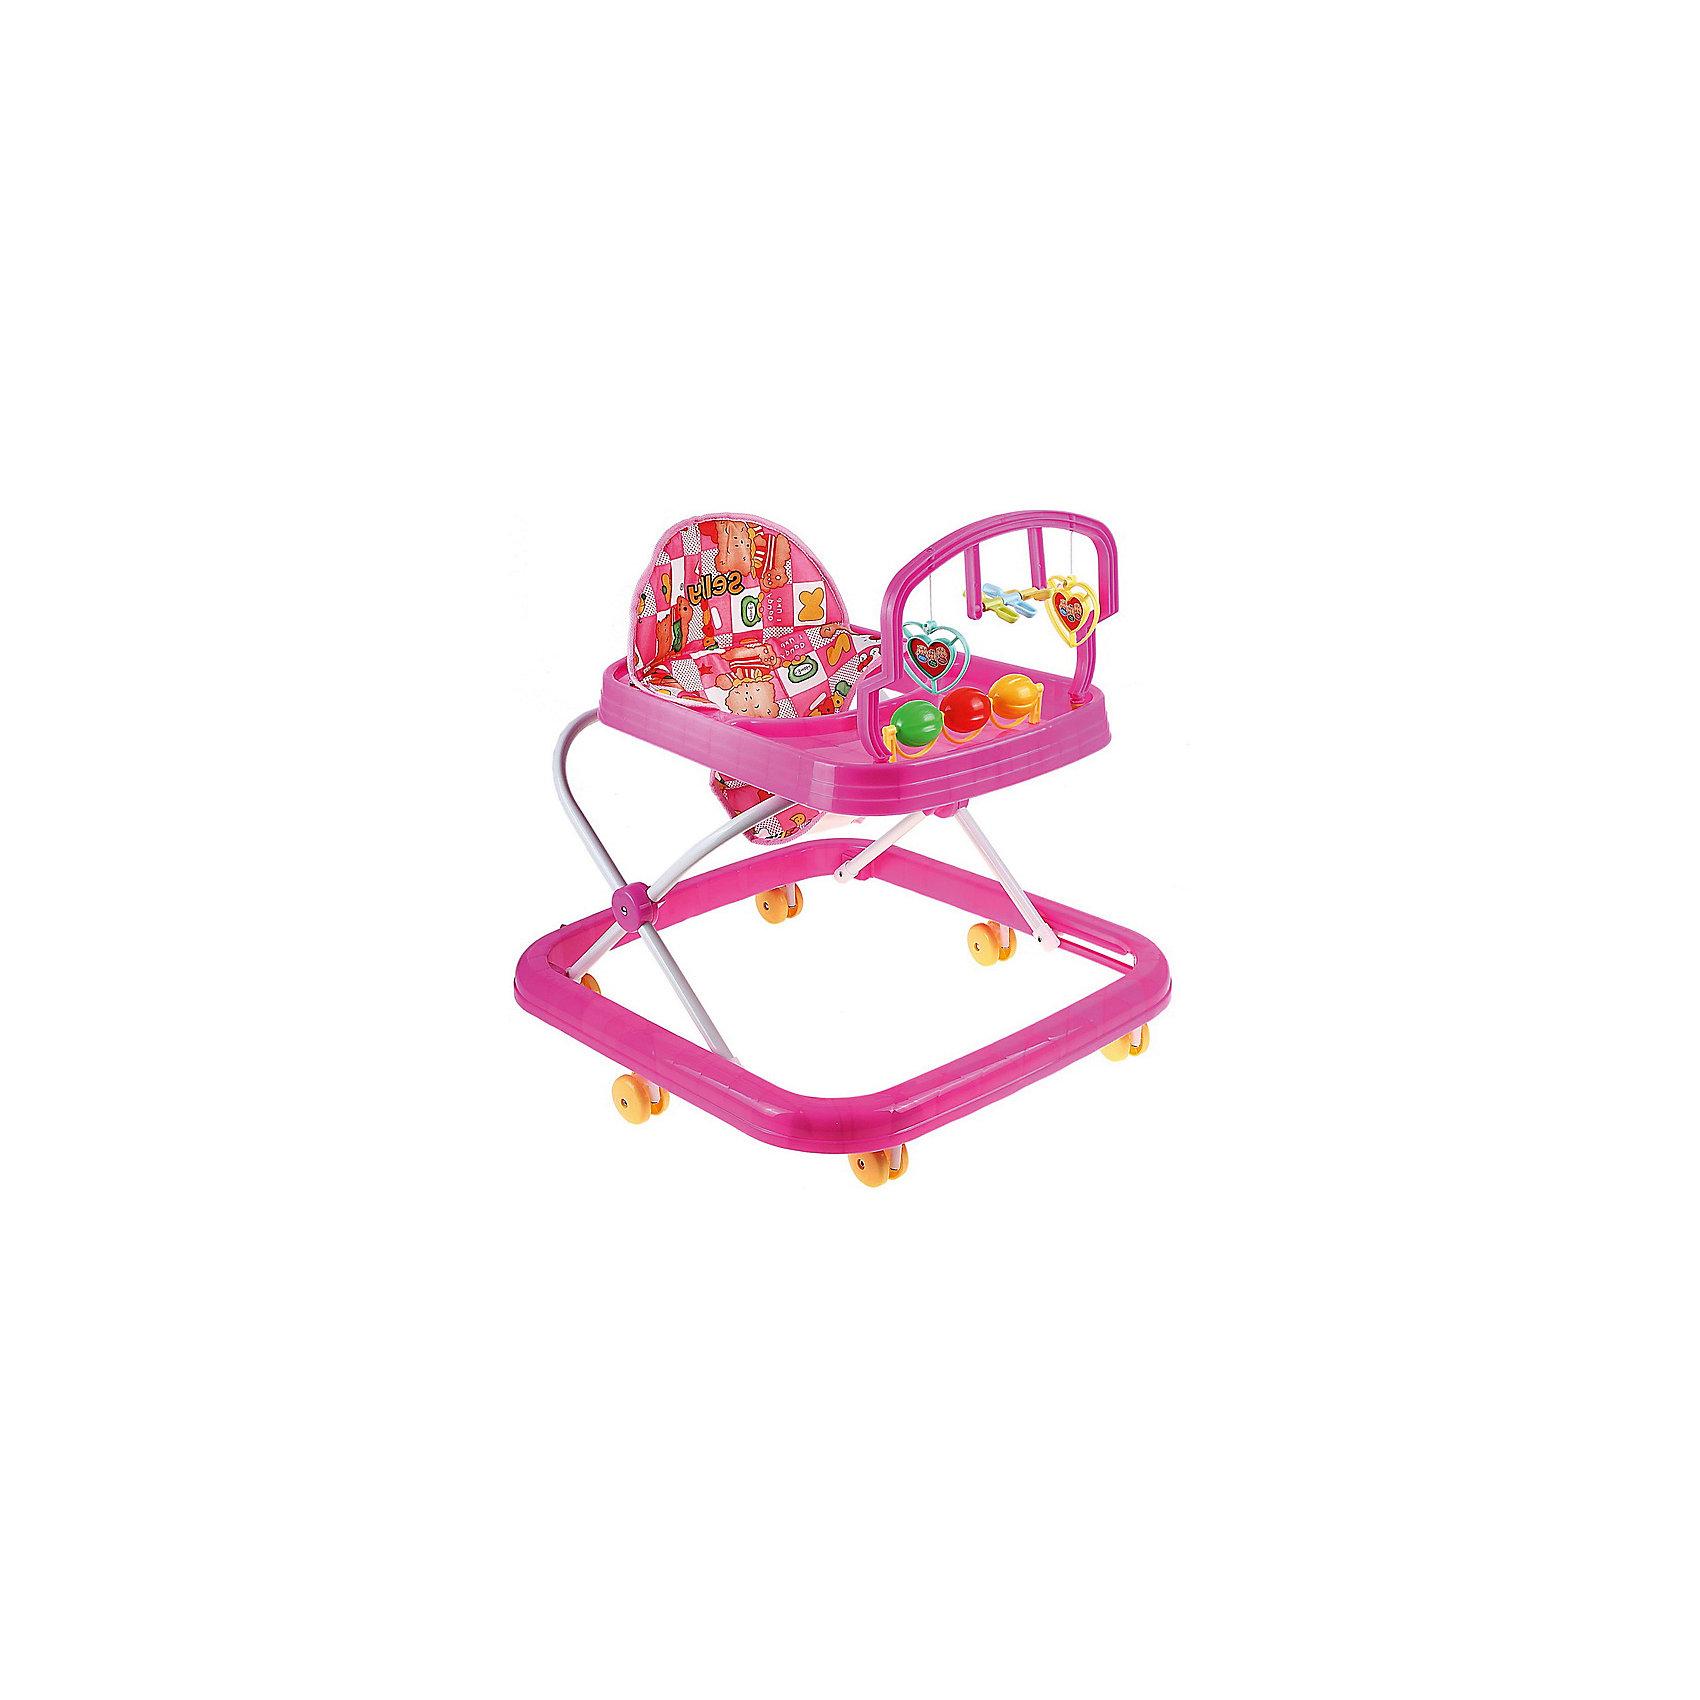 Ходунки HG-171, SelbyХодунки<br>Эти ходунки от Selby разработаны для малышей в возрасте от полугода, которые только учатся ходить. Конструкция с шестью колесами обеспечивает ребенку удобство, как и комфортное сиденье. Удобная спинка помогает сформировать правильную осанку. <br>На переднем столике есть развлекательная панель с разными игрушками. Изделие легко моется. Легкий пластик отличается прочностью. Все материалы тщательно подобраны специалистами и безопасны для детей.<br><br>Дополнительная информация:<br><br>цвет: разноцветный;<br>возраст: от полугода;<br>материал: пластик, металл, текстиль;<br>габариты:  63 х 57 х 55 см;<br>вес: 2210 г;<br>шесть колес;<br>сиденье снимается.<br>игровая панель.<br><br>Ходунки HG-171 от компании Selby можно купить в нашем магазине.<br><br>Ширина мм: 630<br>Глубина мм: 570<br>Высота мм: 550<br>Вес г: 2760<br>Возраст от месяцев: 6<br>Возраст до месяцев: 36<br>Пол: Унисекс<br>Возраст: Детский<br>SKU: 4873608